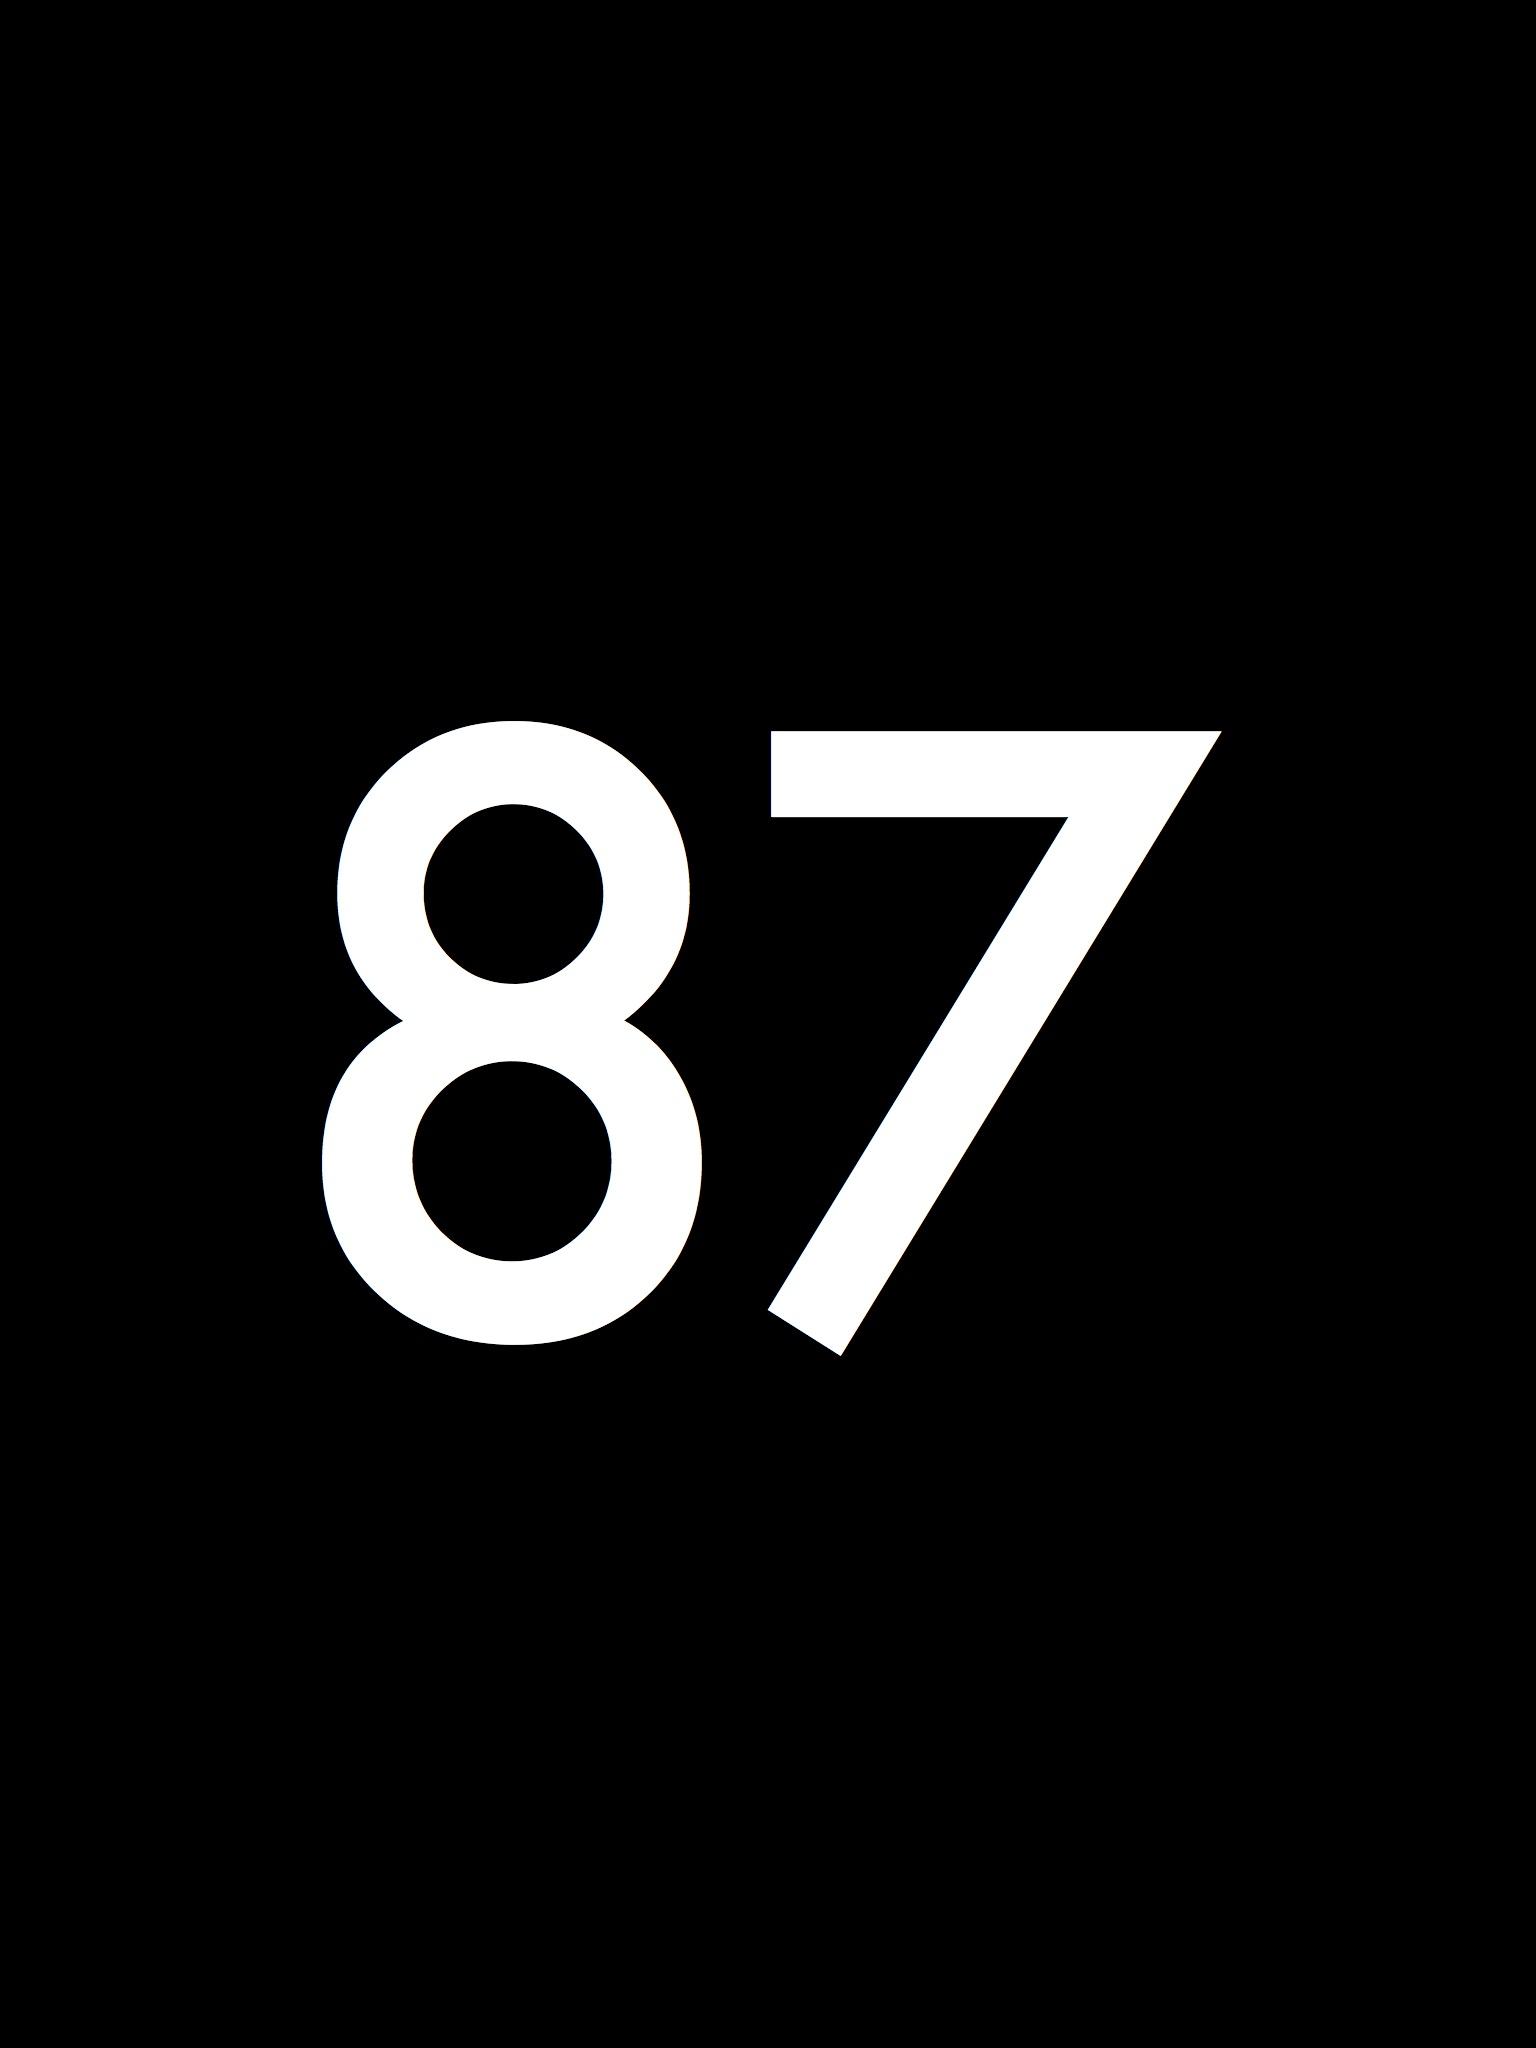 Black_Number.087.jpg